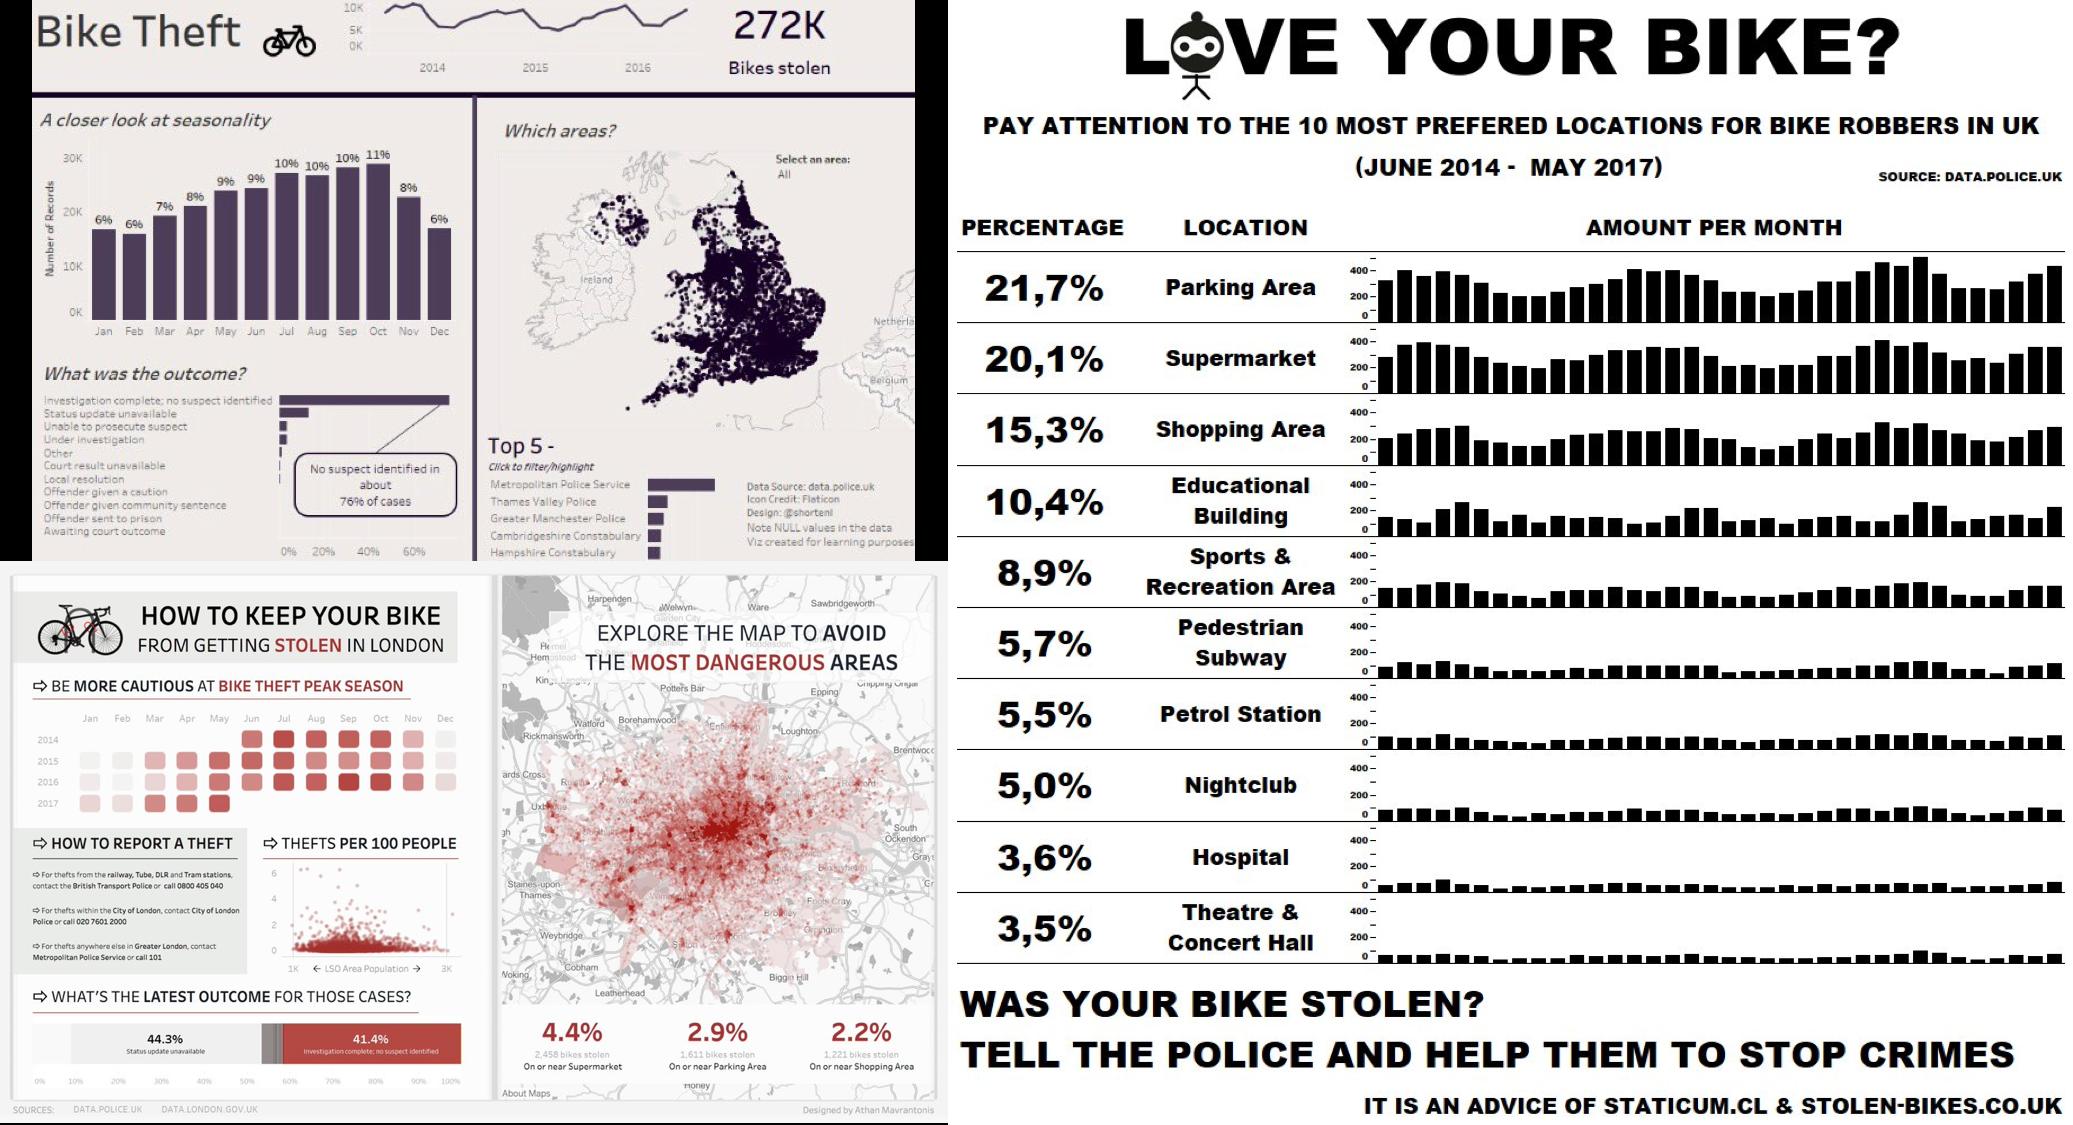 Week 37: Stolen Bikes in the UK